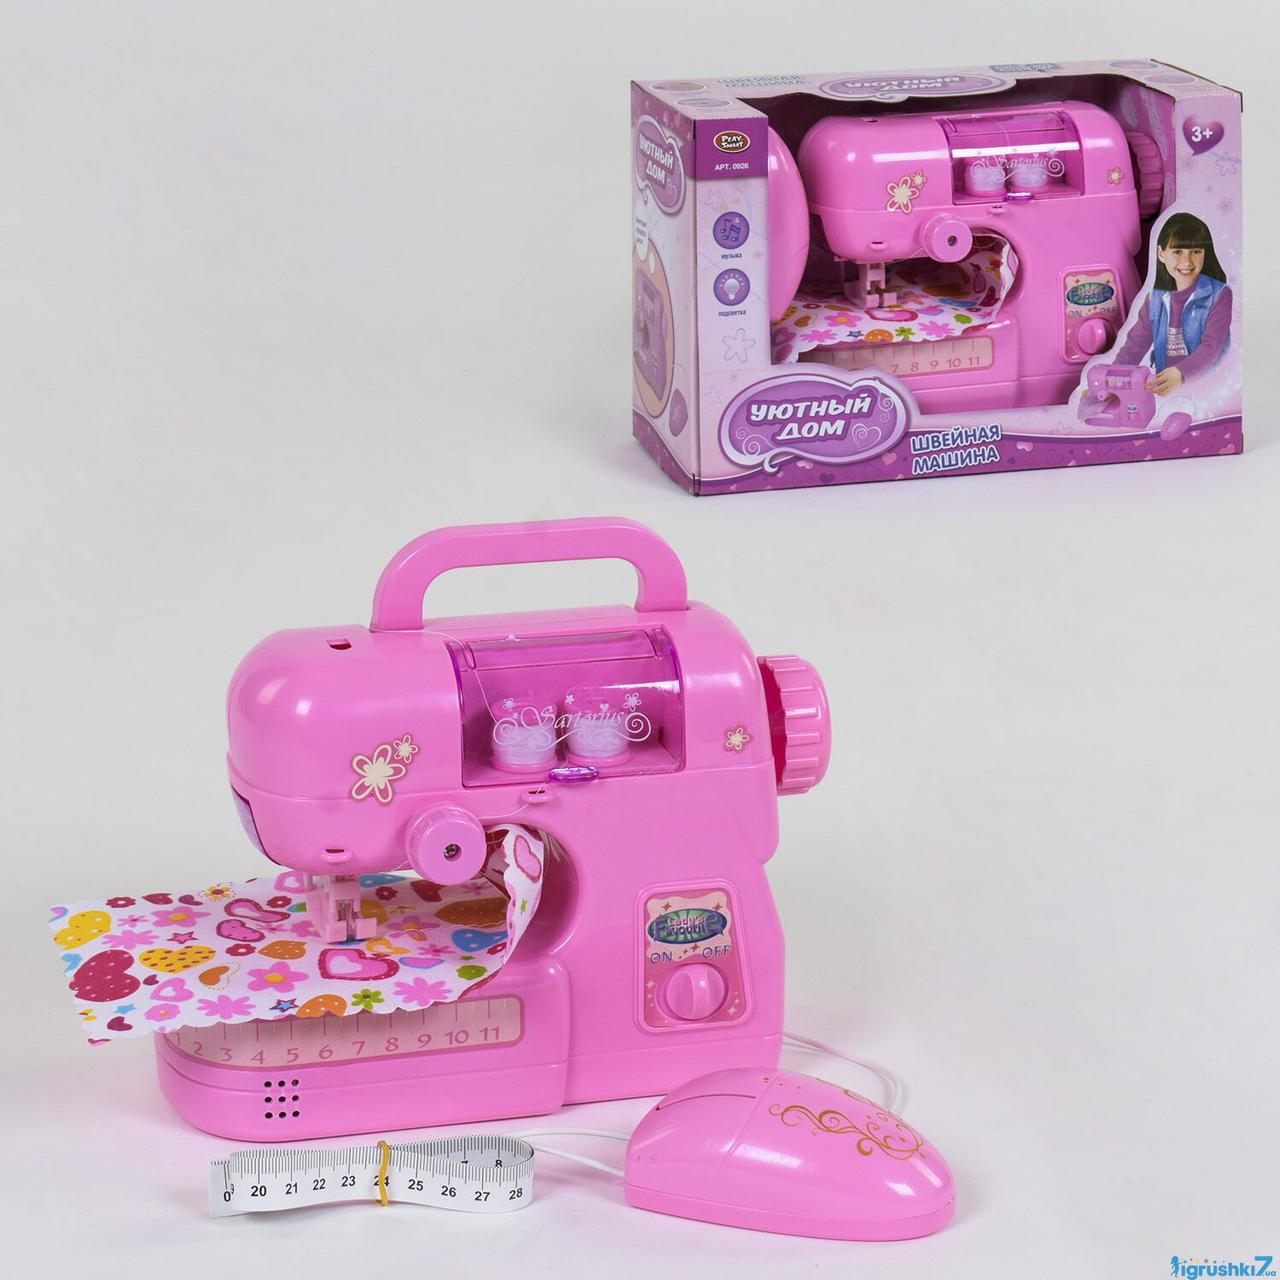 Швейная машинка 0926 (36/2) Play Smart, звук, свет, в коробке